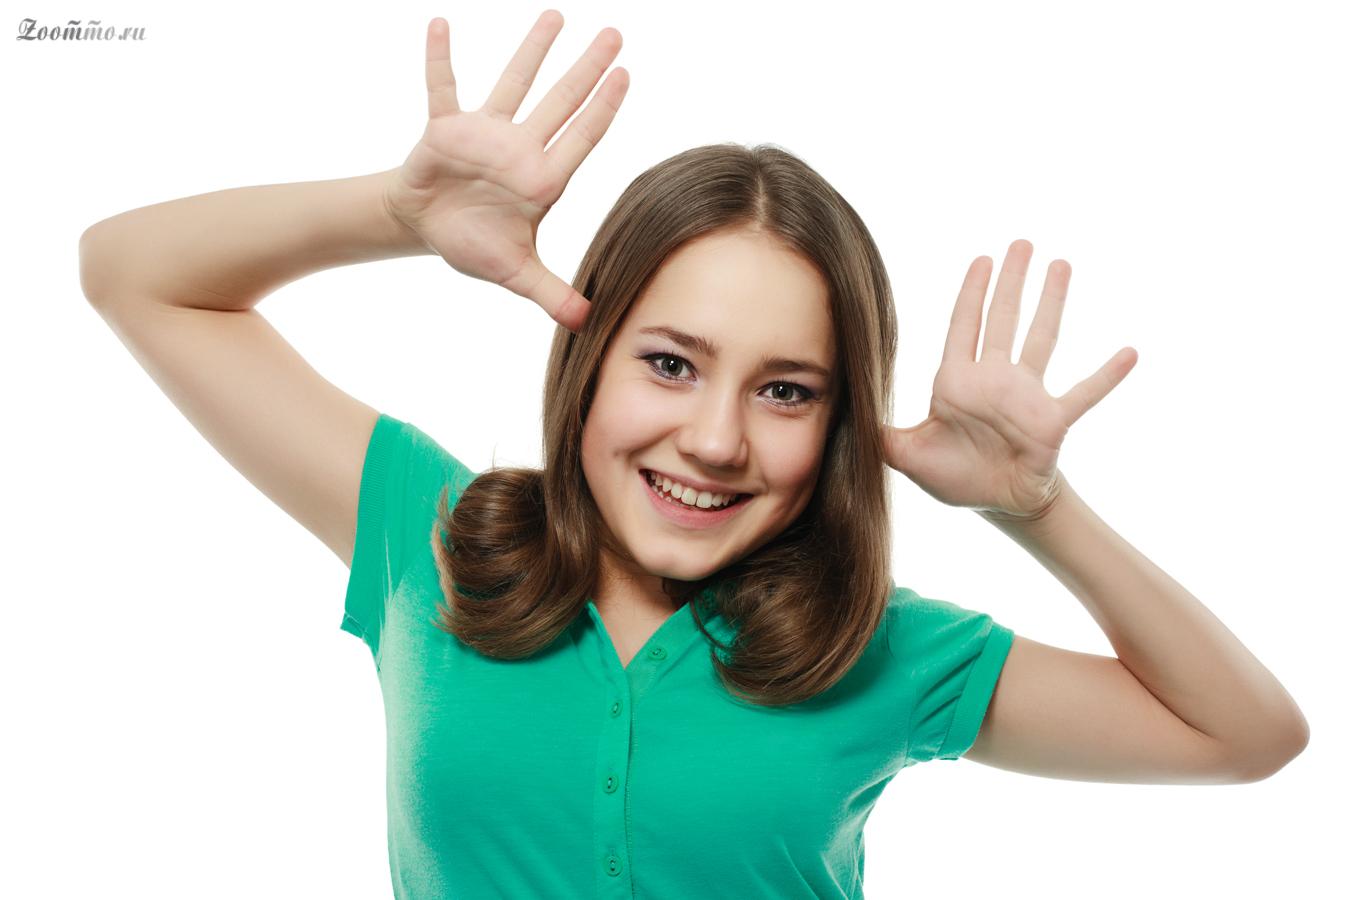 как похудеть в 13 лет девочке диета